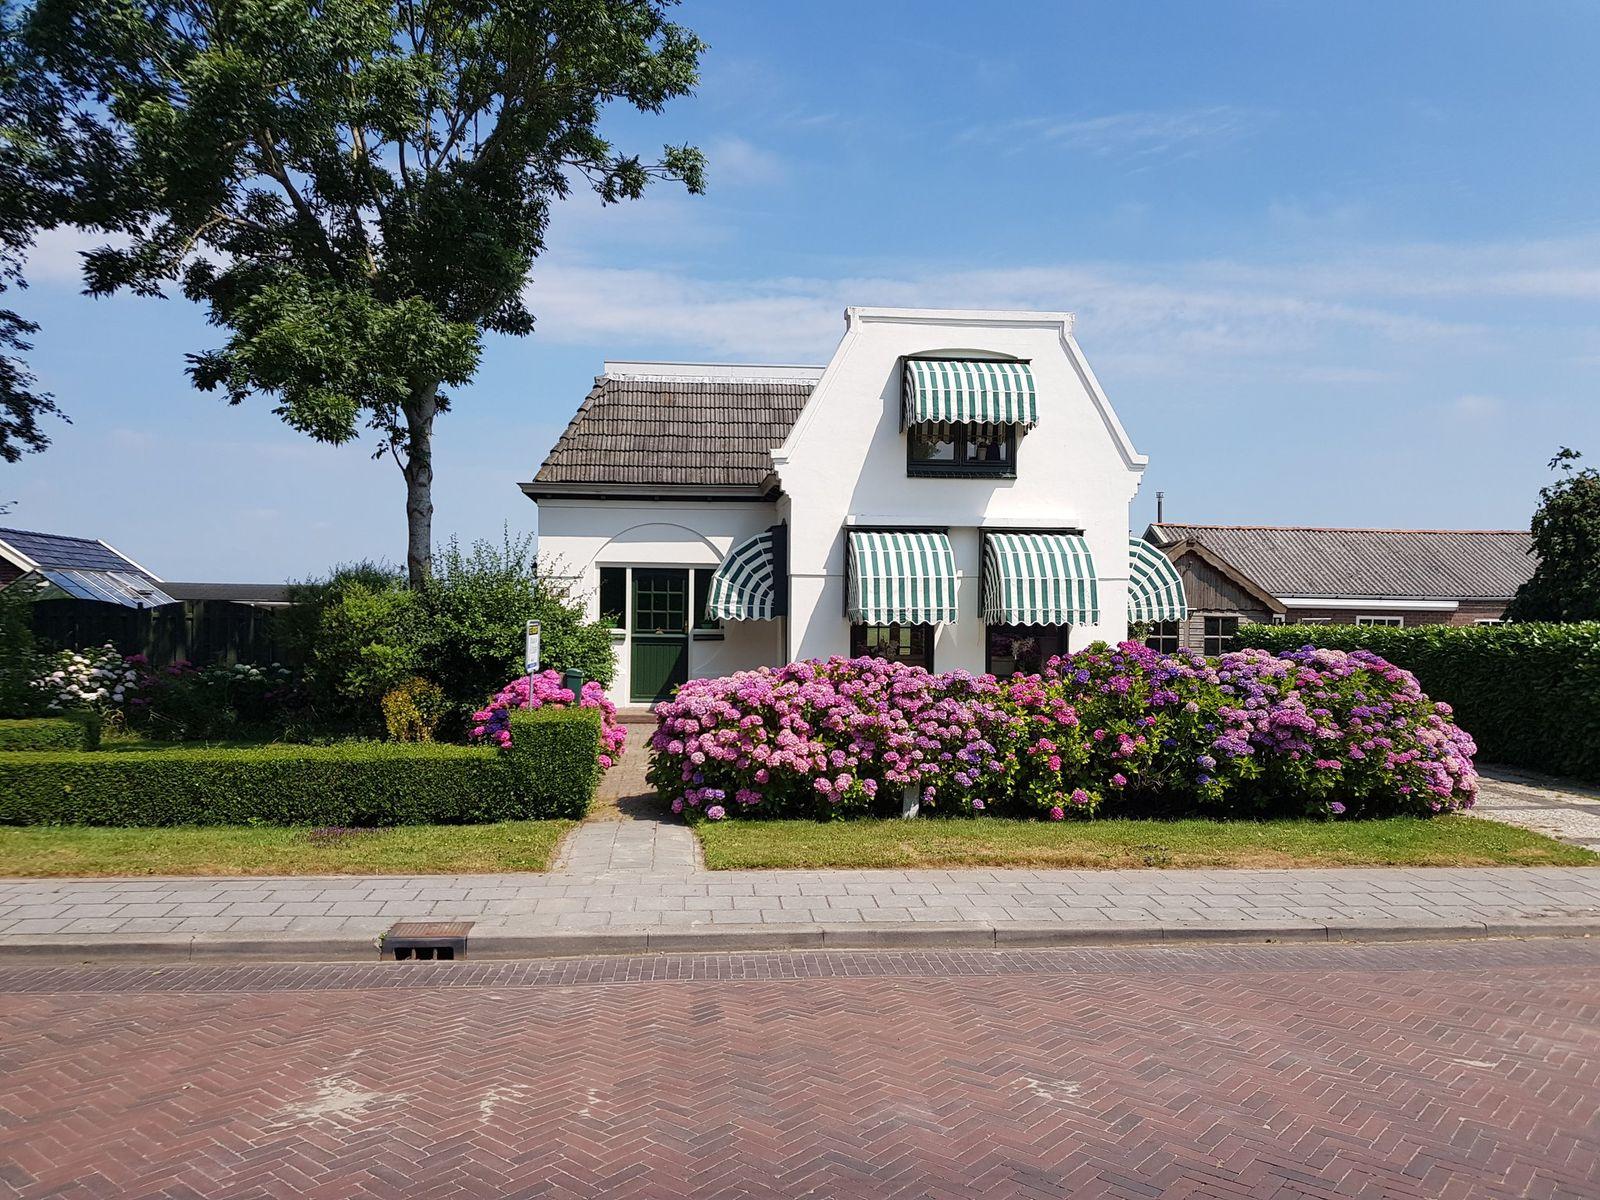 Horstweg 51, Parrega